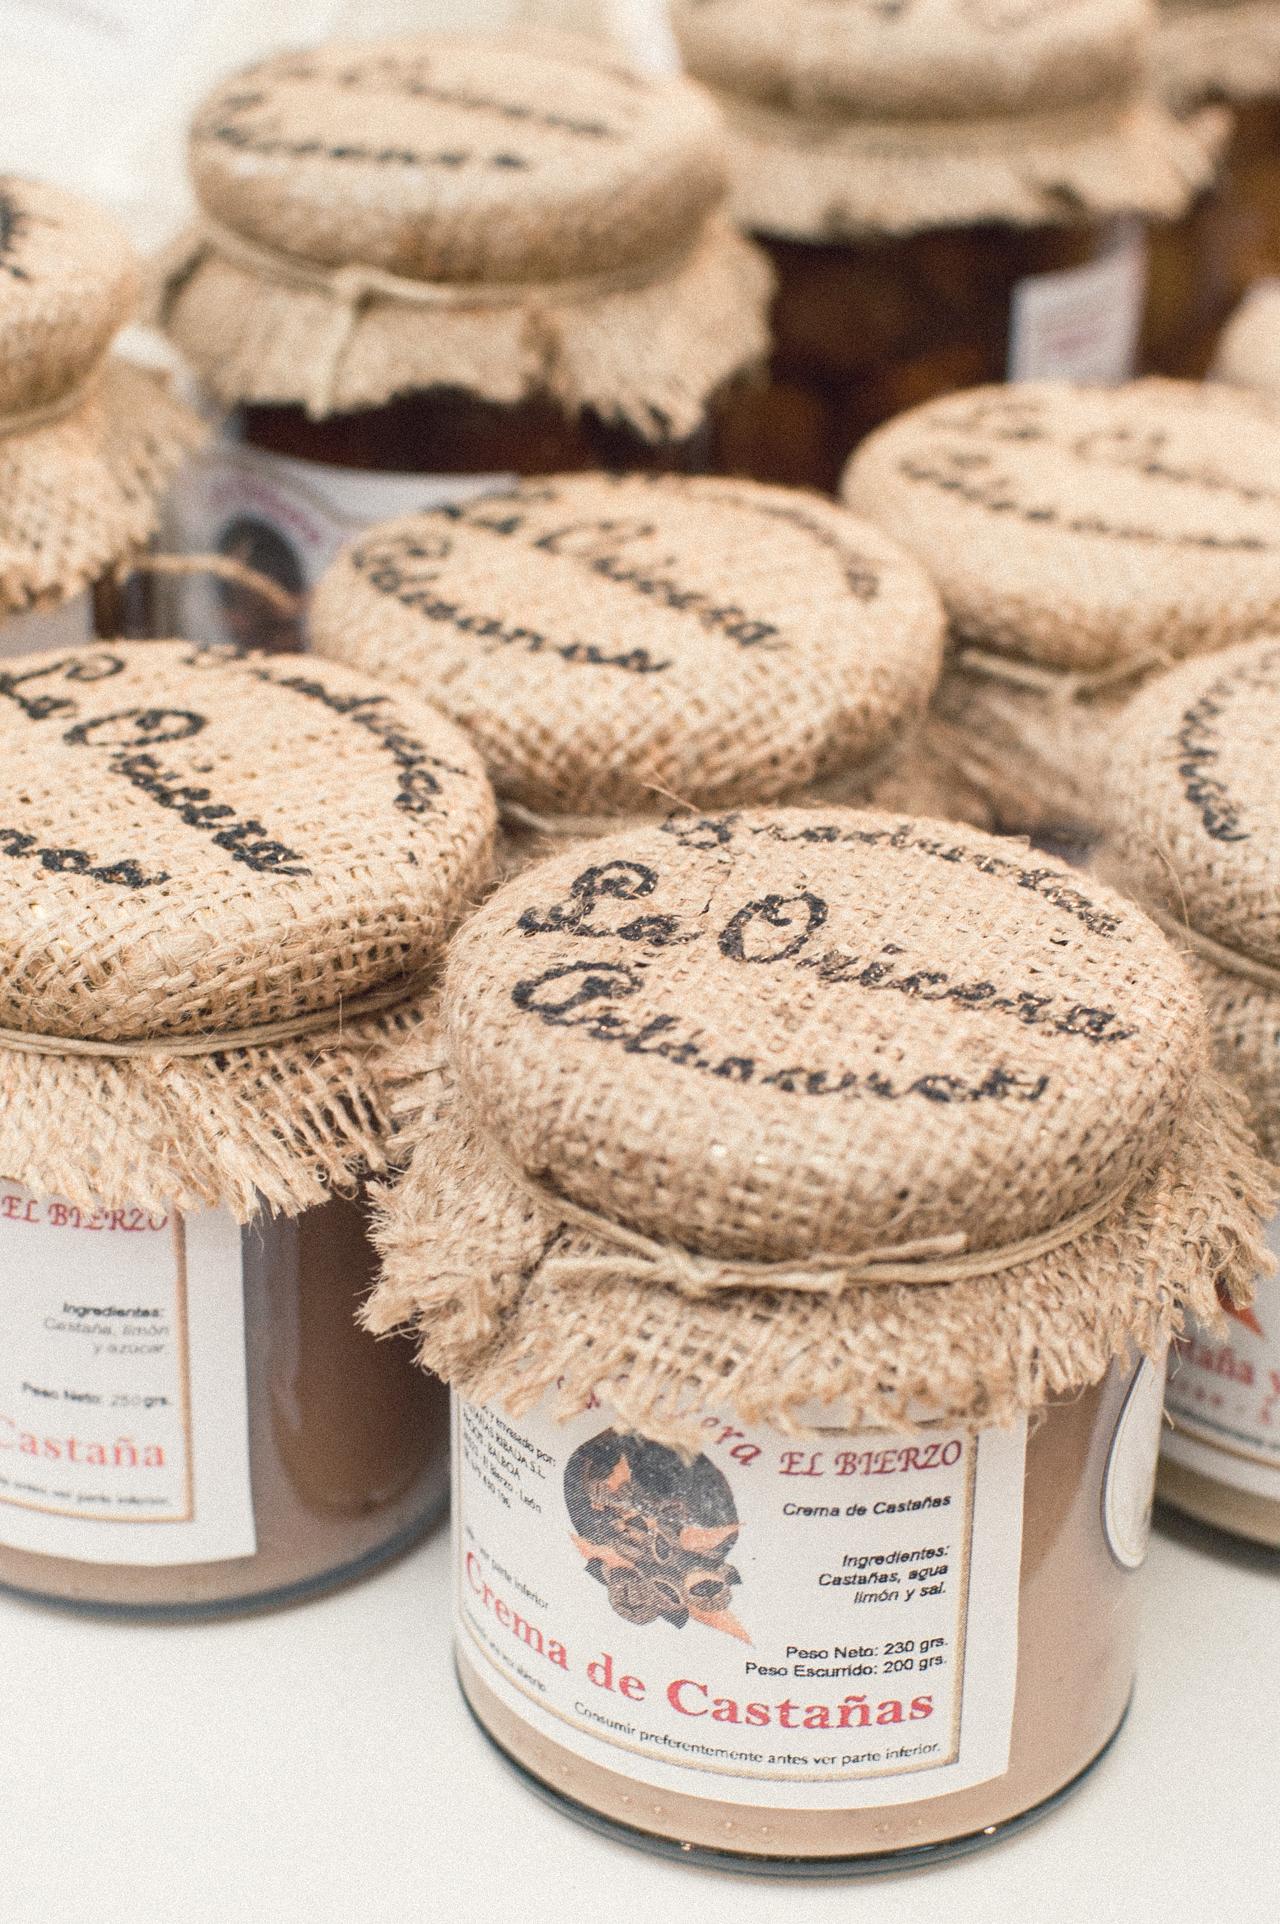 Feria de Productos de León Crema de Castañas La Oricera